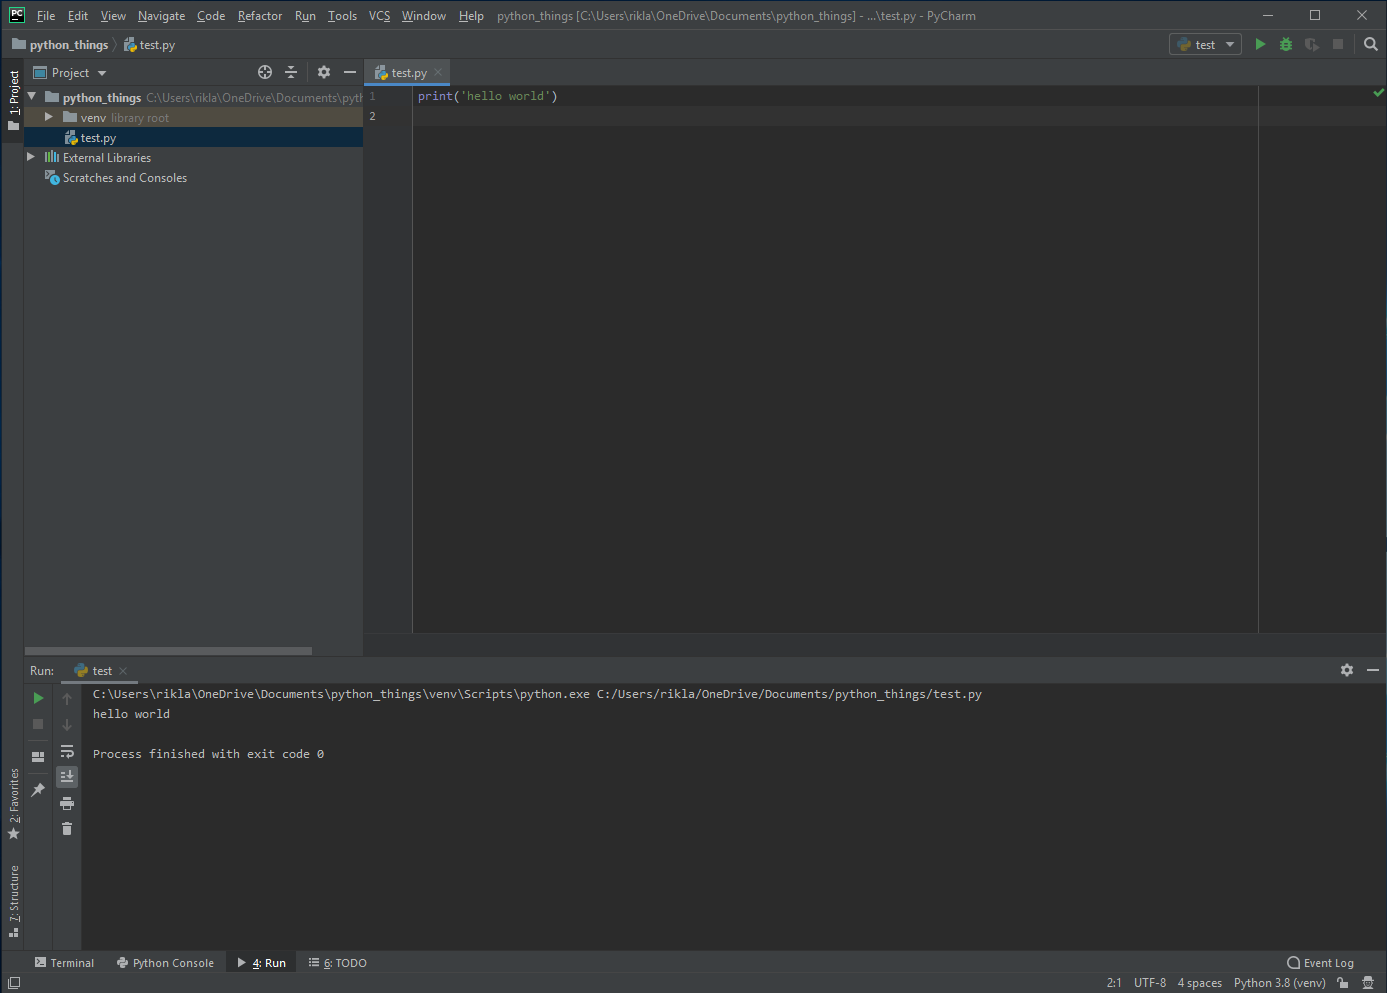 Edytor pozwala szybko wykonywać kod, co przydaje sięw trakcie nauki